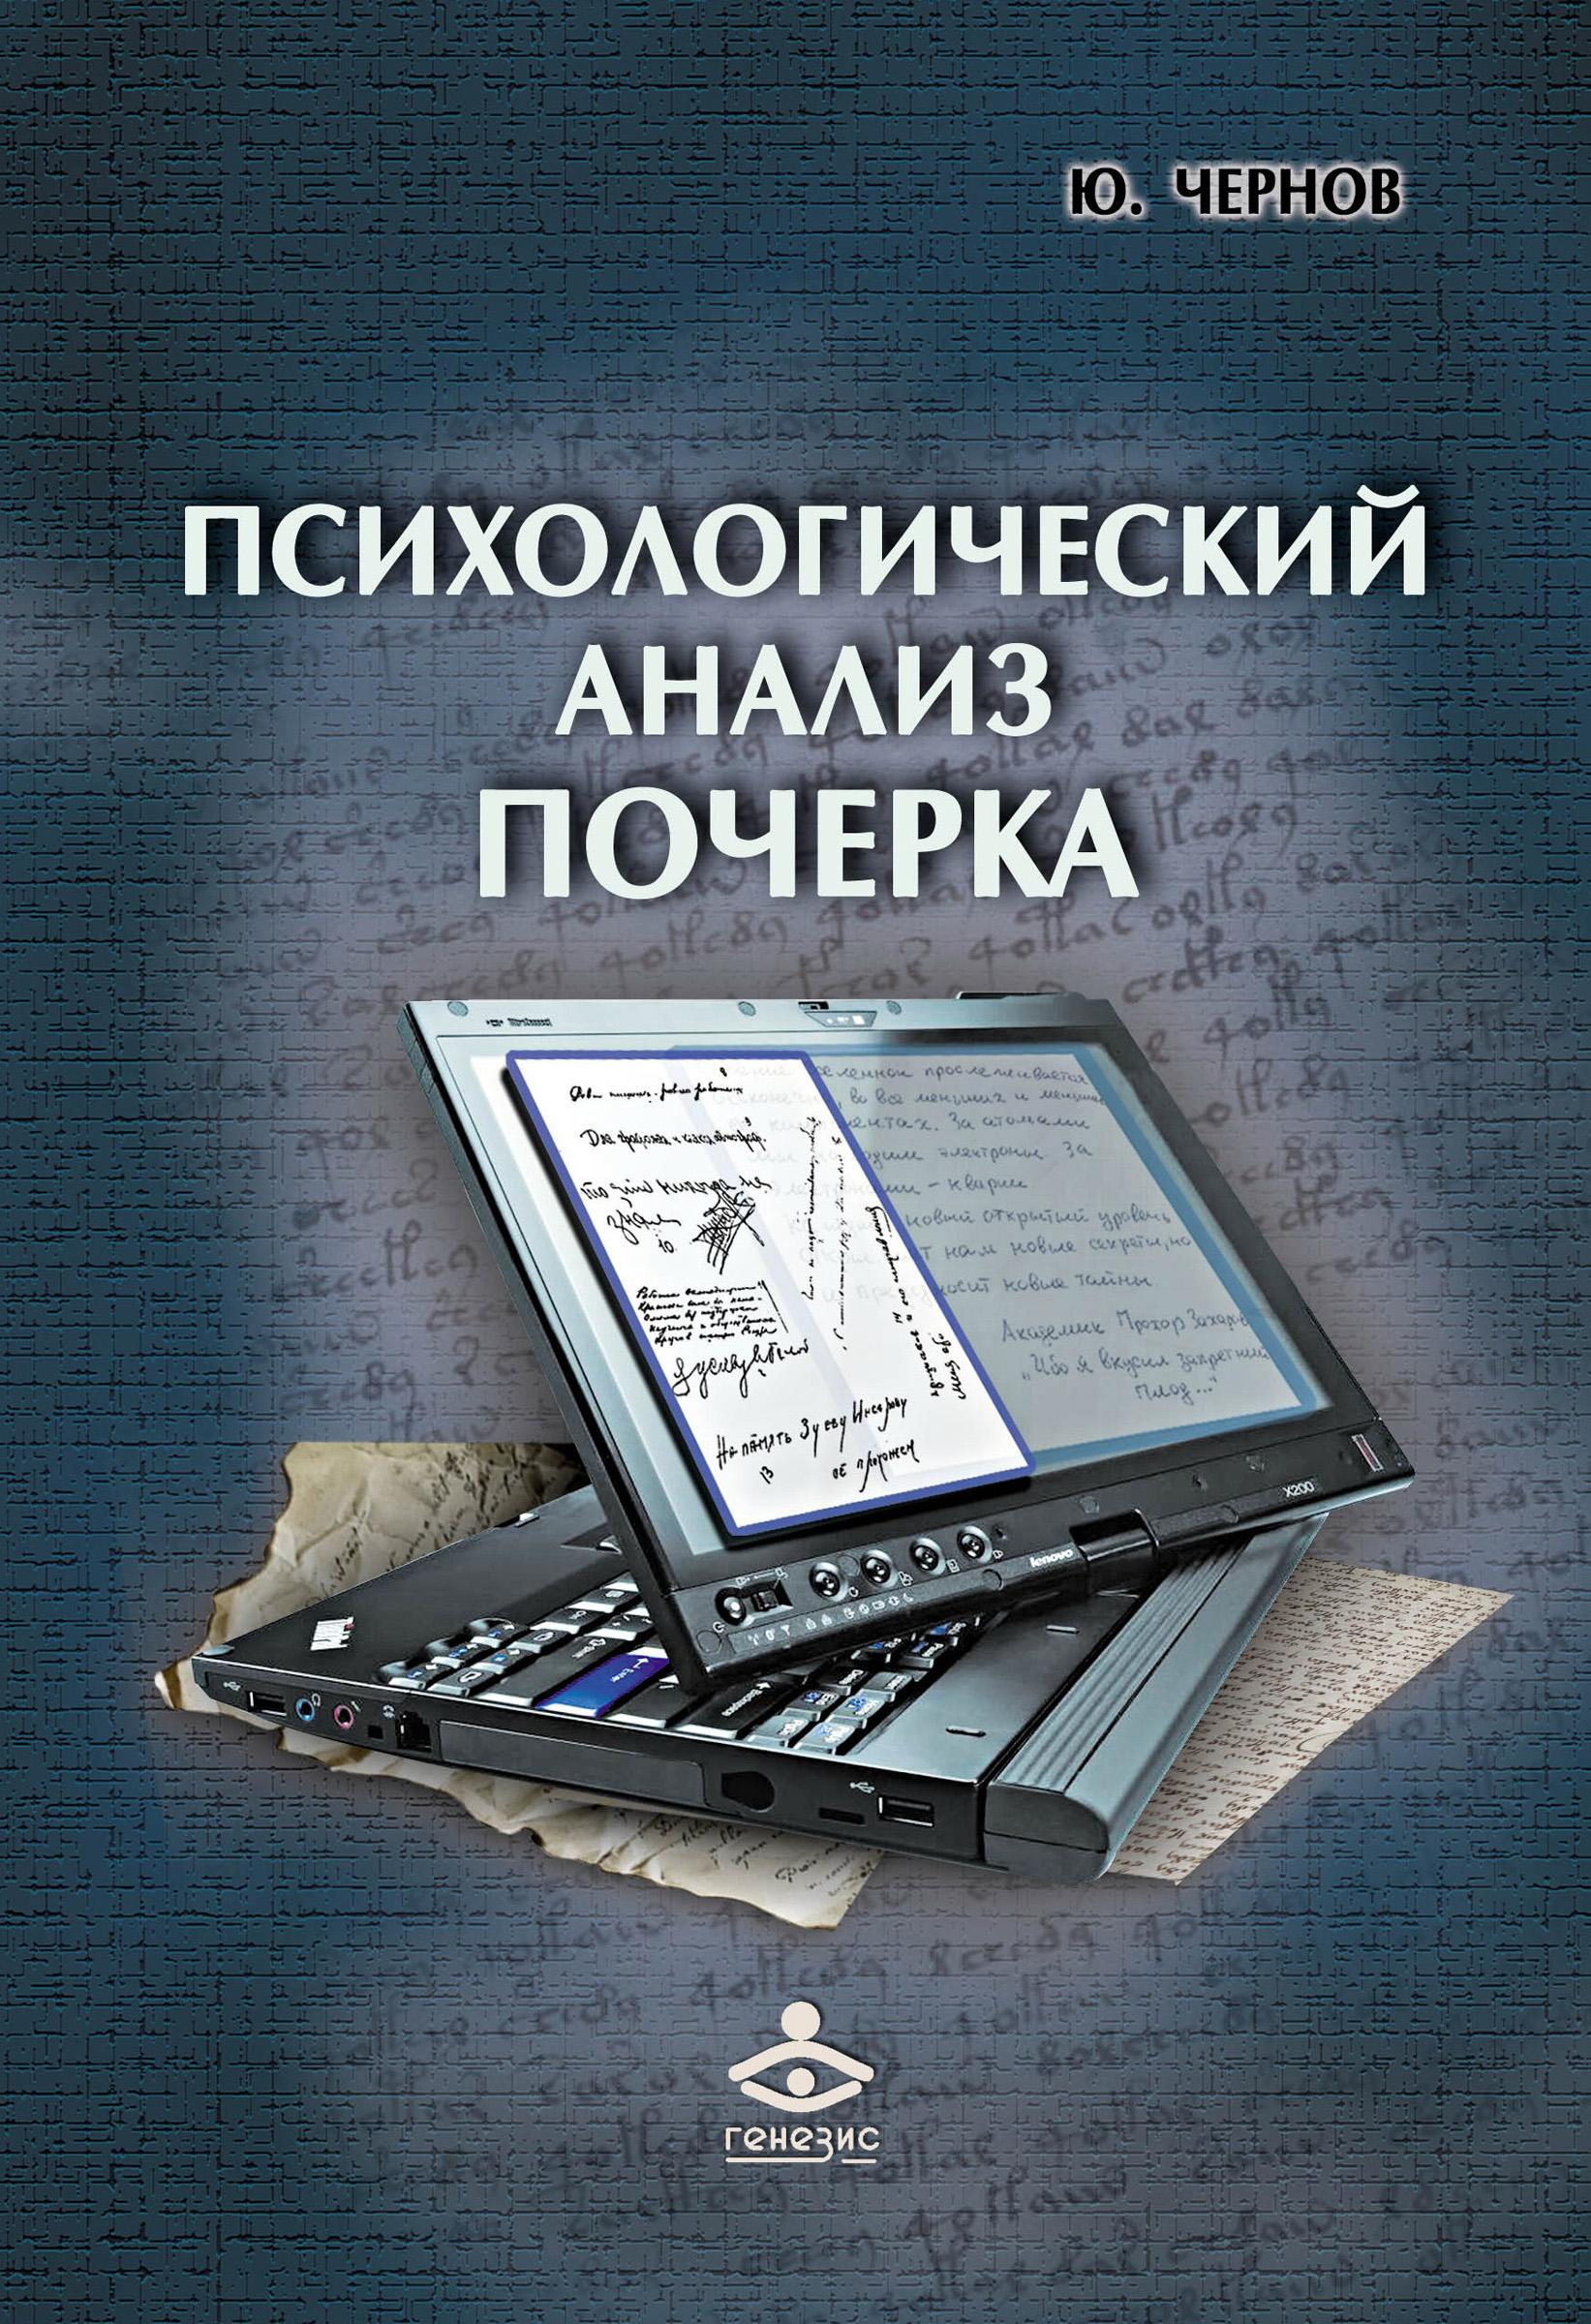 Психологический анализ почерка. Системный подход и компьютерная реализация в психологии, криминологии и судебной экспертизе